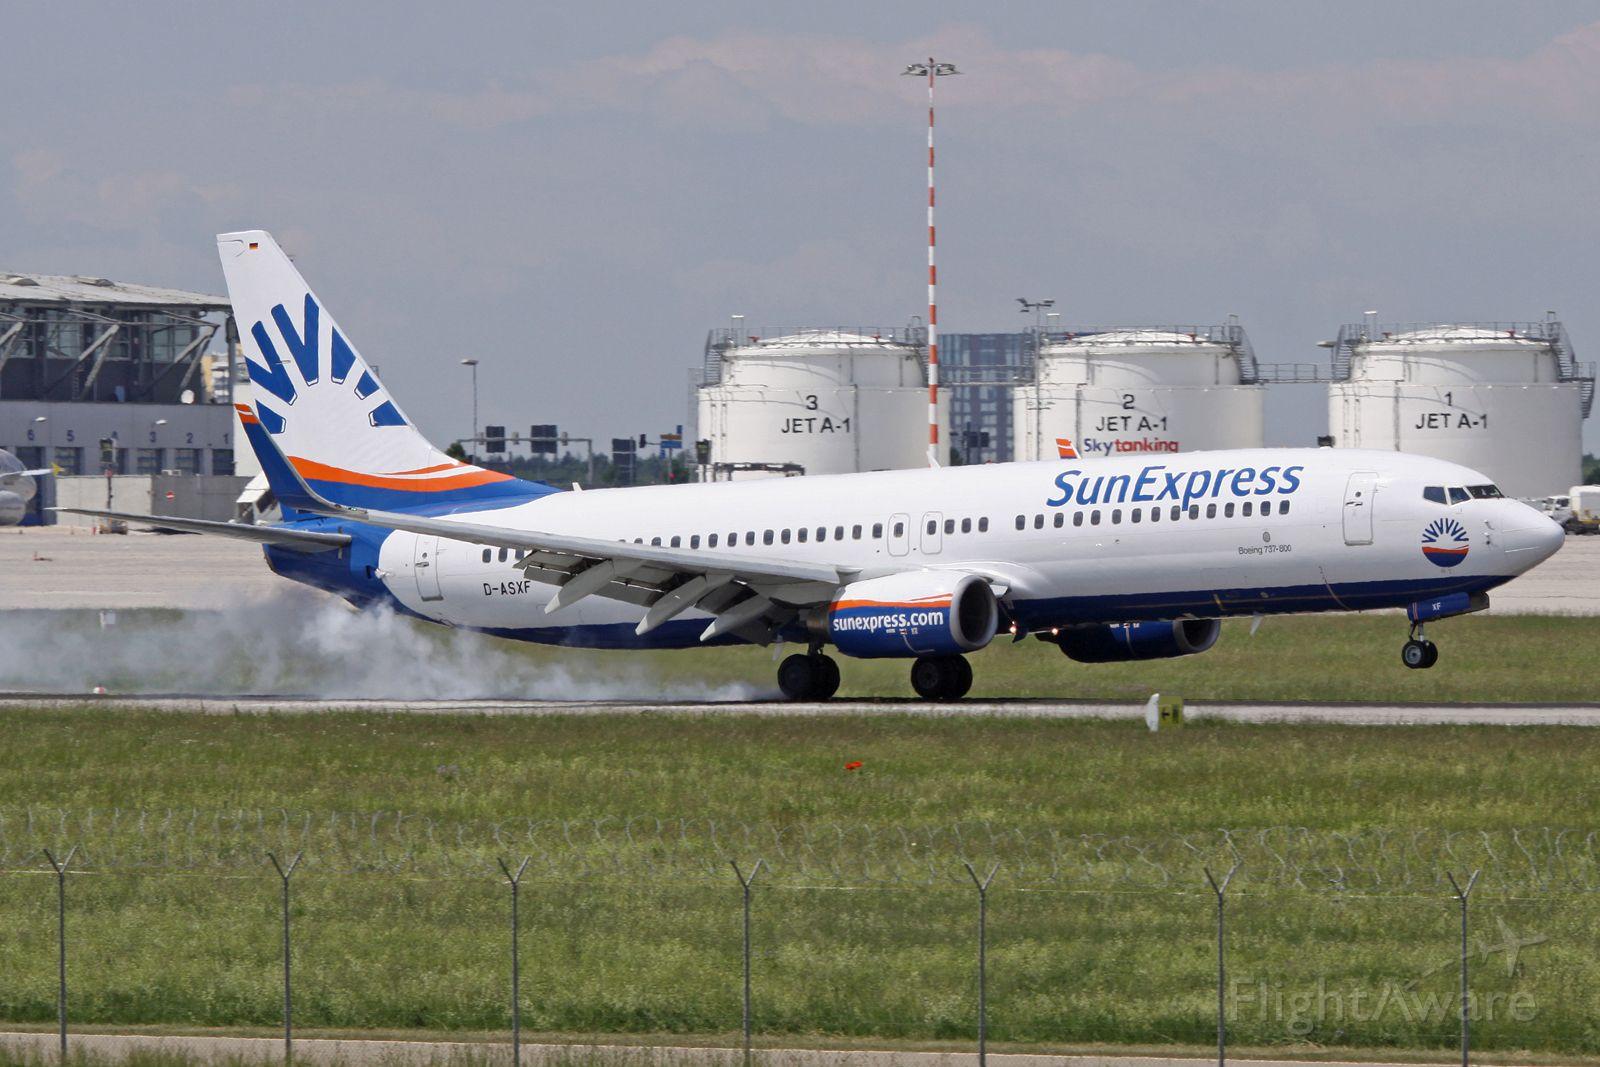 Boeing 737-800 (D-ASXF)